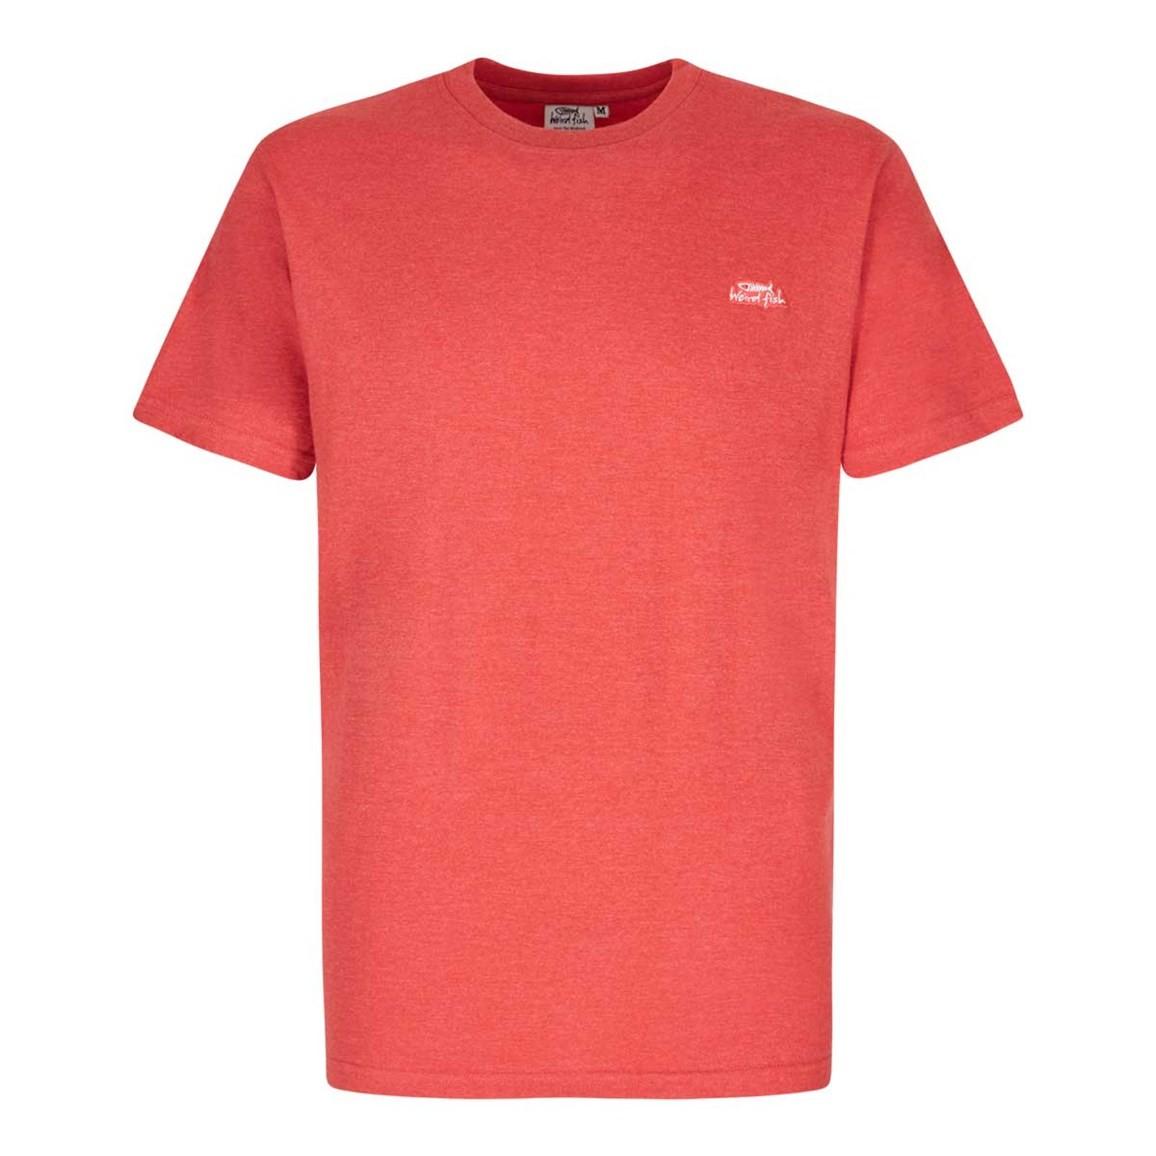 plain dark red t shirt wwwpixsharkcom images